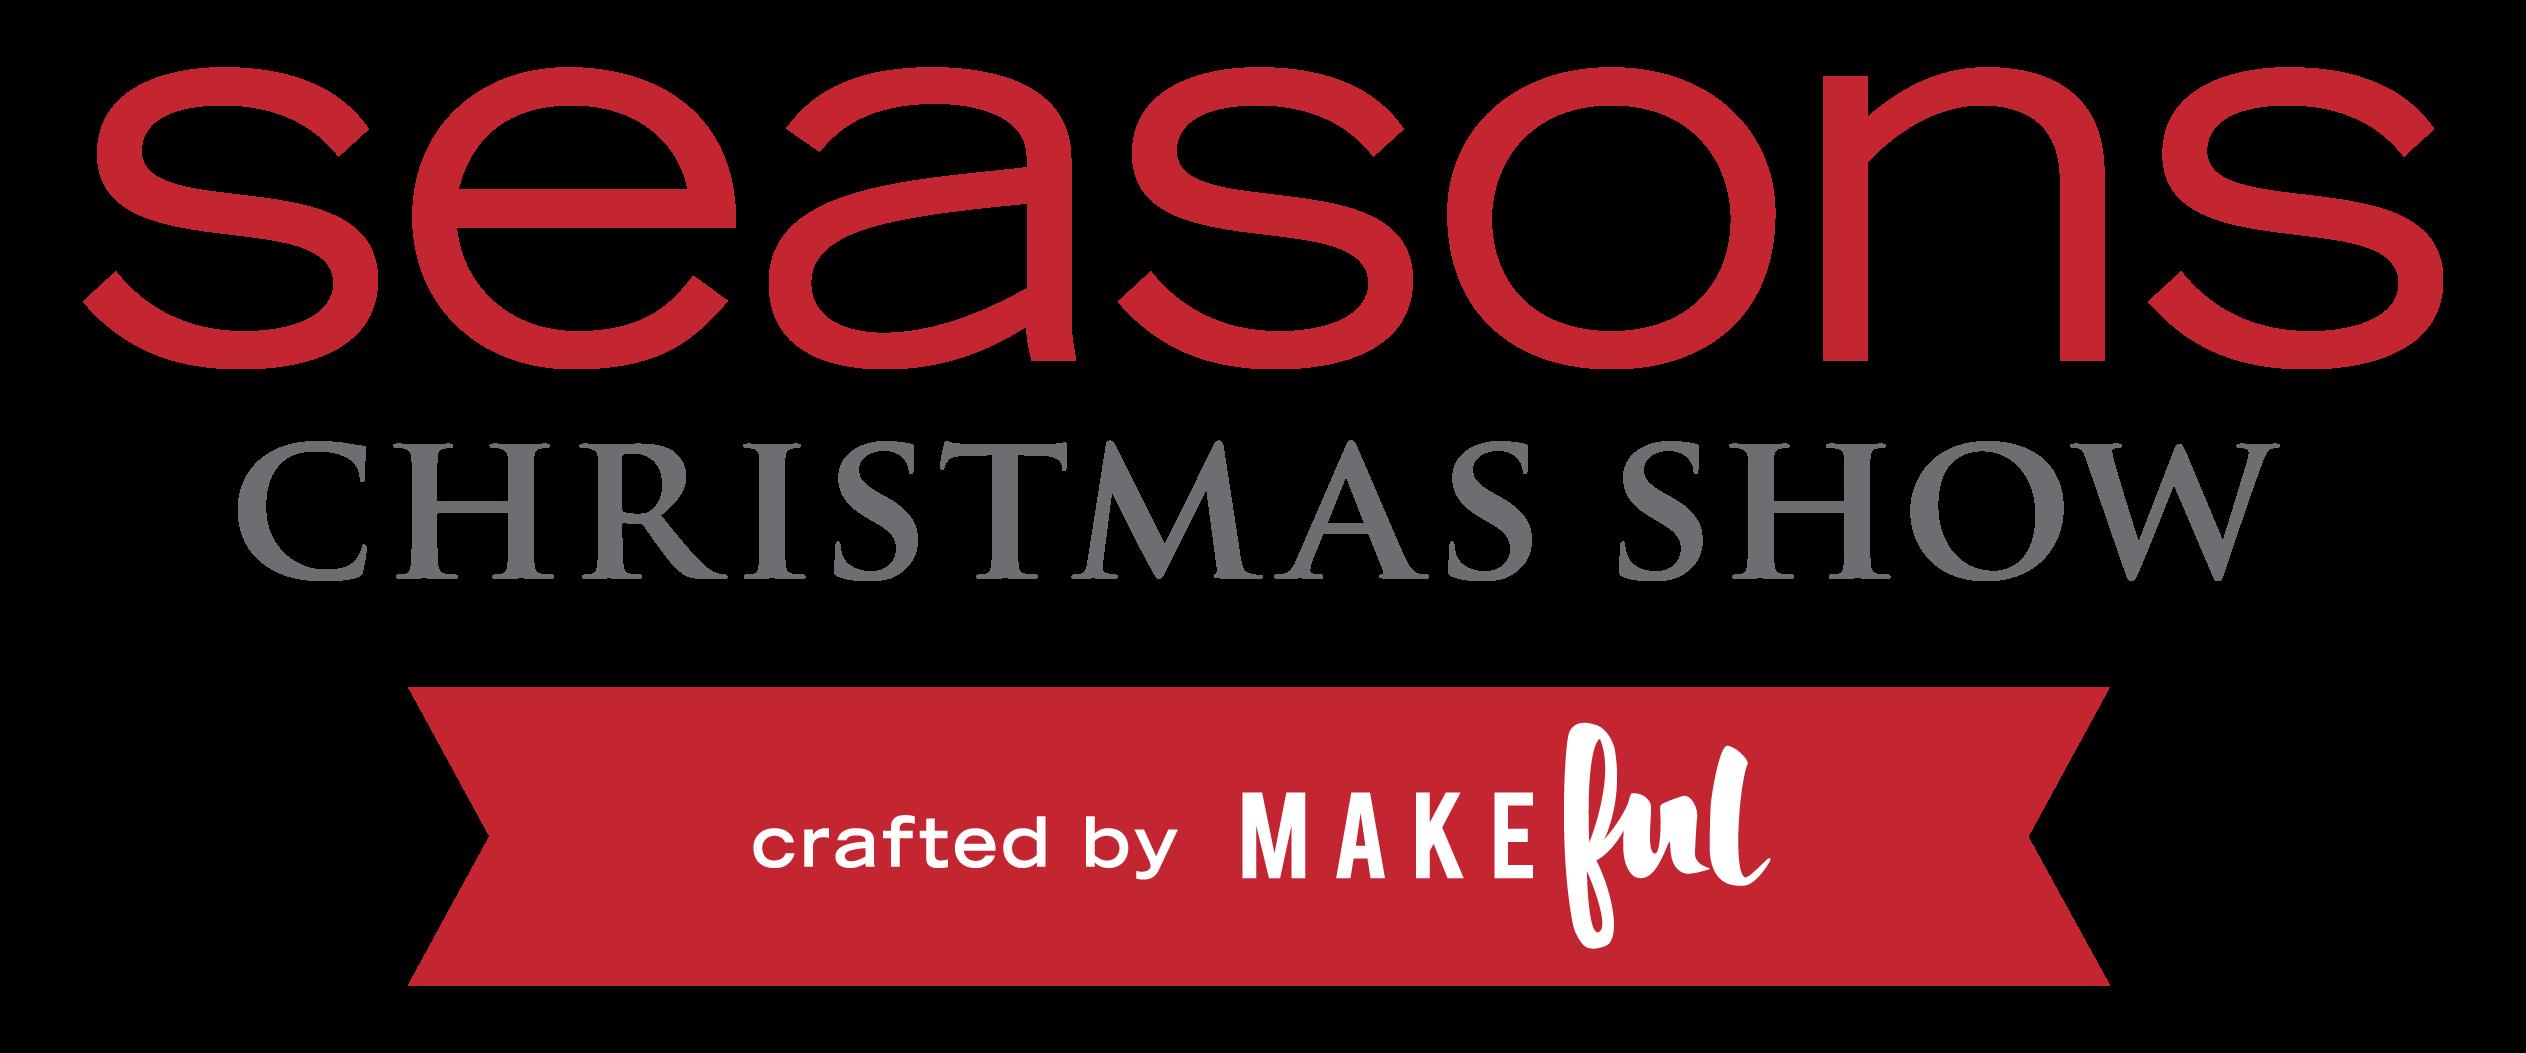 2019 Seasons Christmas Show